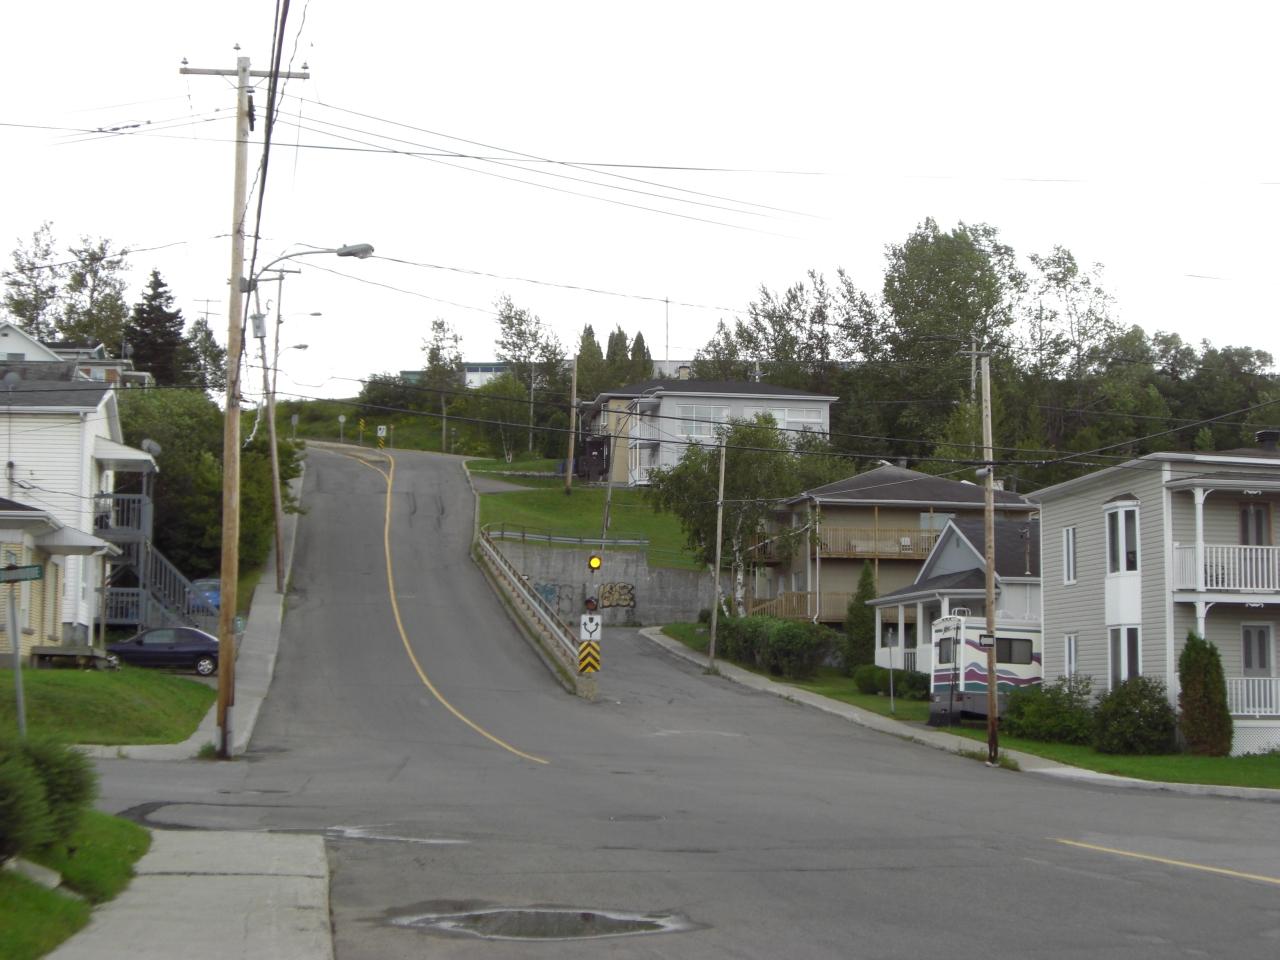 Gewinnt sie den Wettbewerb um die steilste Straße der Welt oder ist diese in Neuseeland?